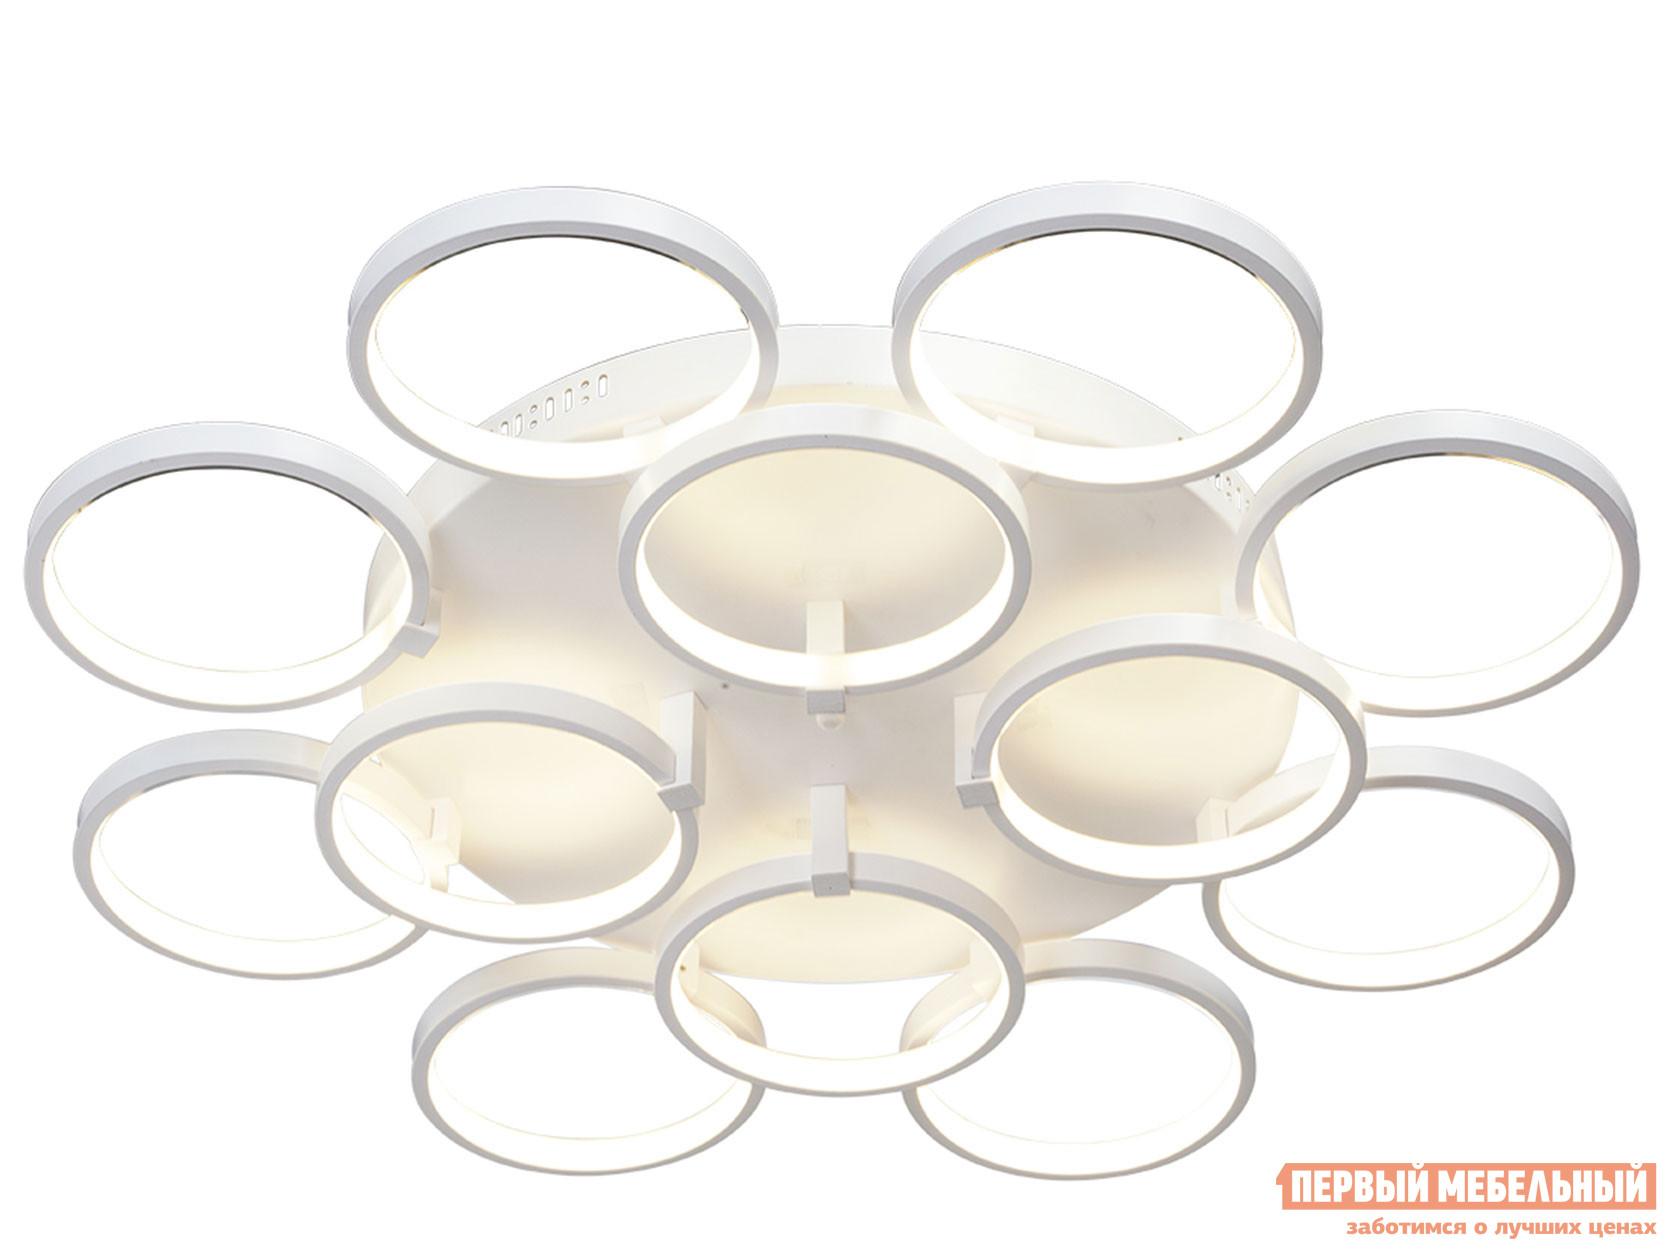 Люстра КСК-электро Светодиодный светильник V4609-0/12PL, LED 156Вт, 3900-4200К